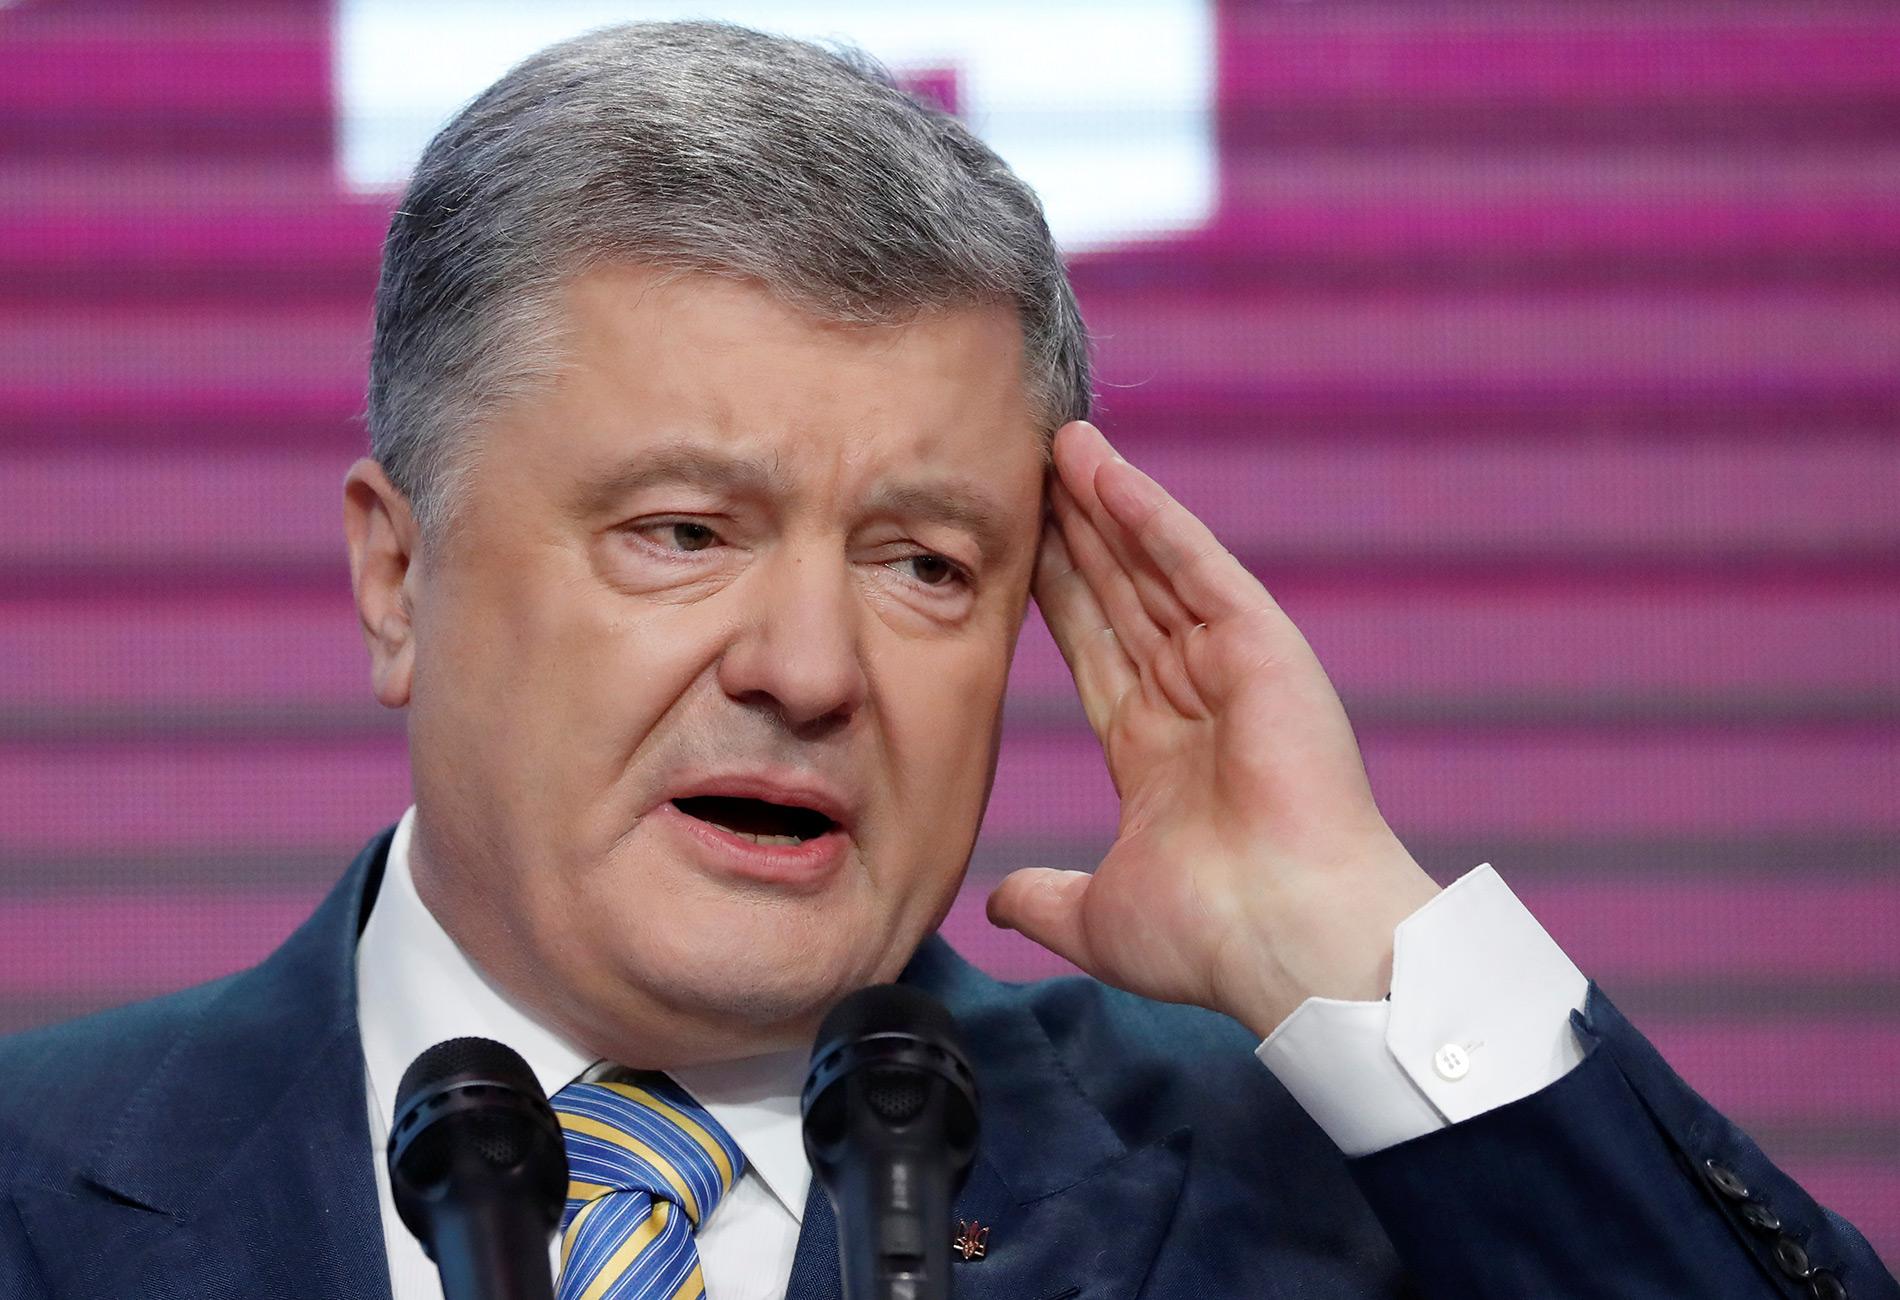 Украина-2021: тупой фальстарт «ястреба войны»